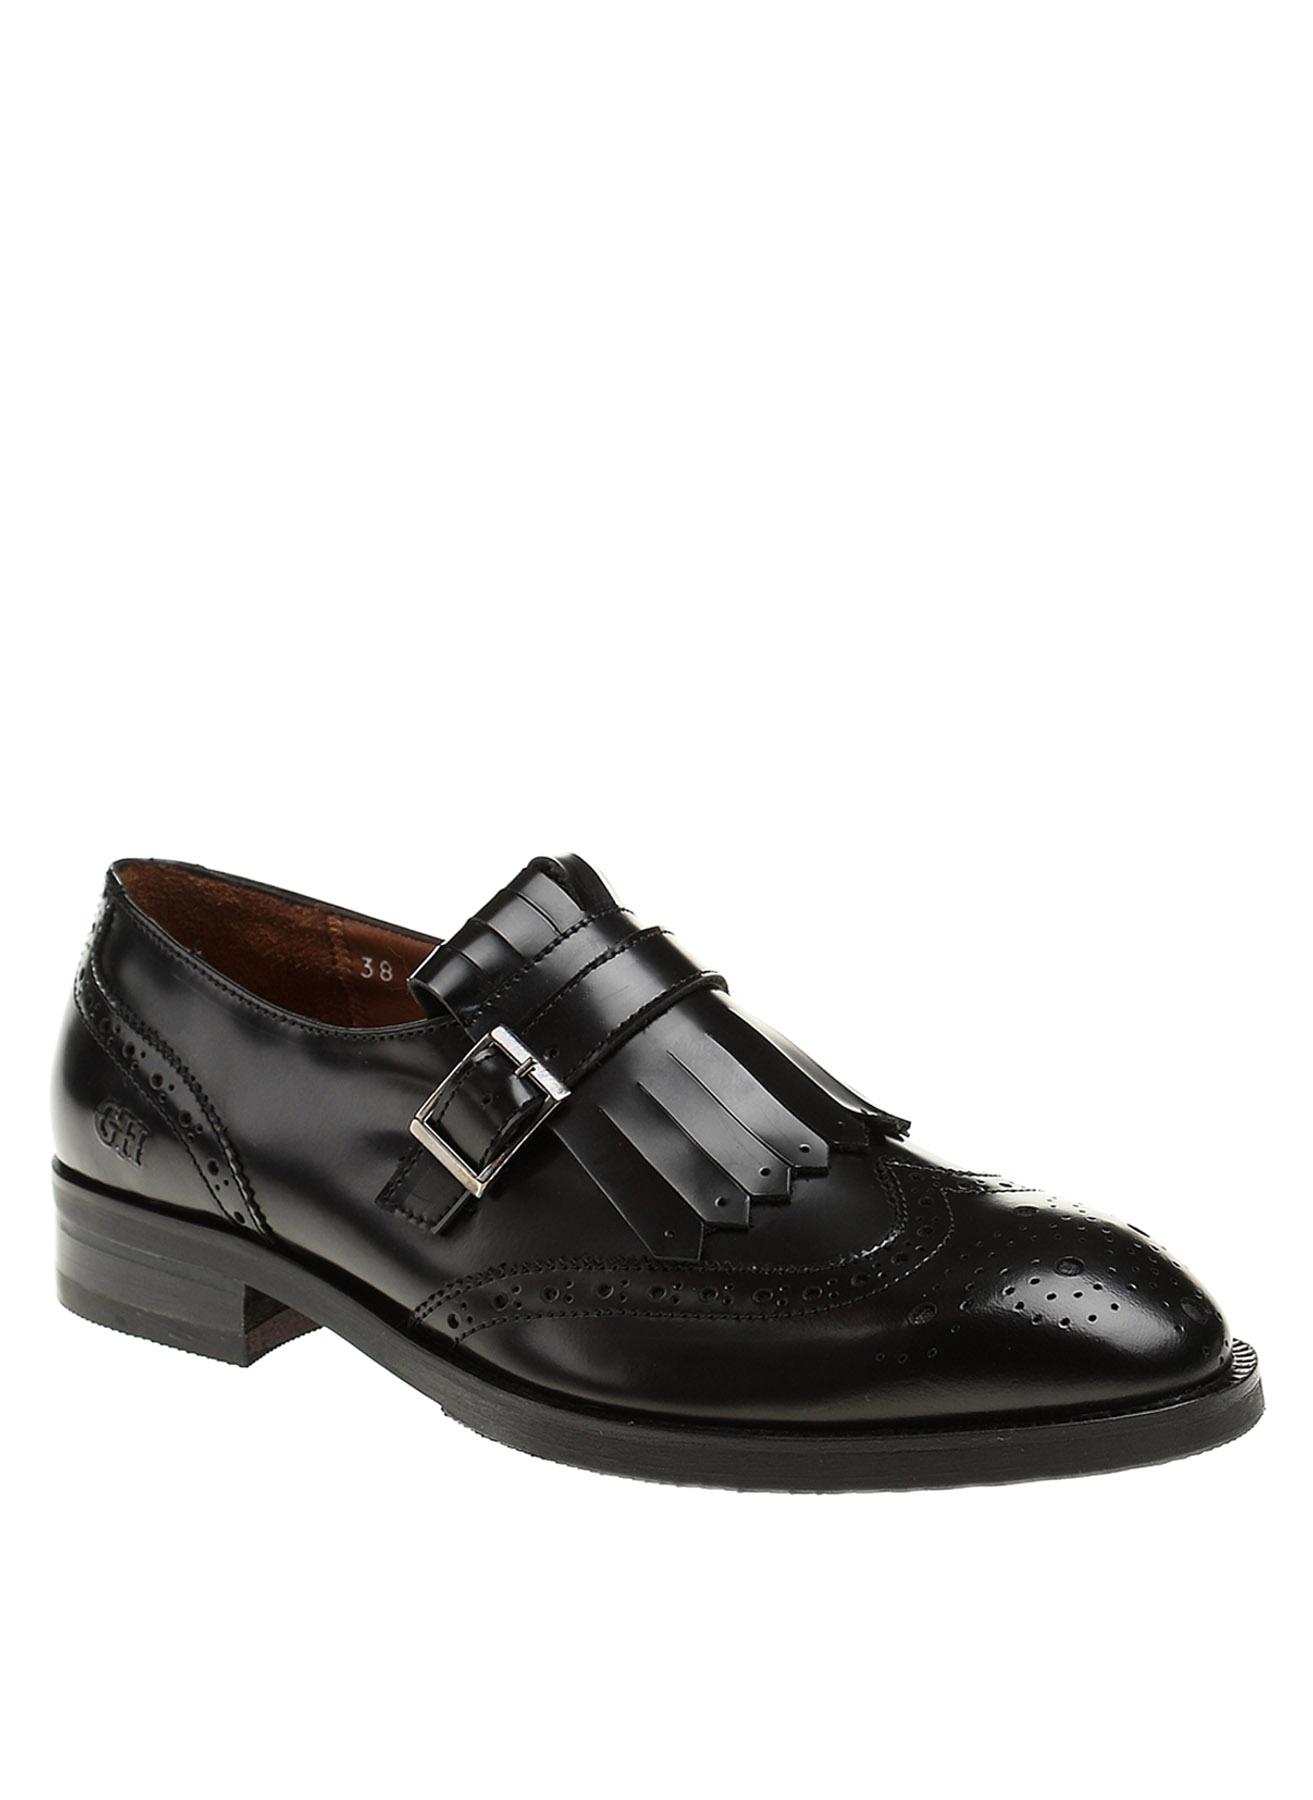 George Hogg Erkek Oxford Deri Düz Ayakkabı 36 5001908436001 Ürün Resmi